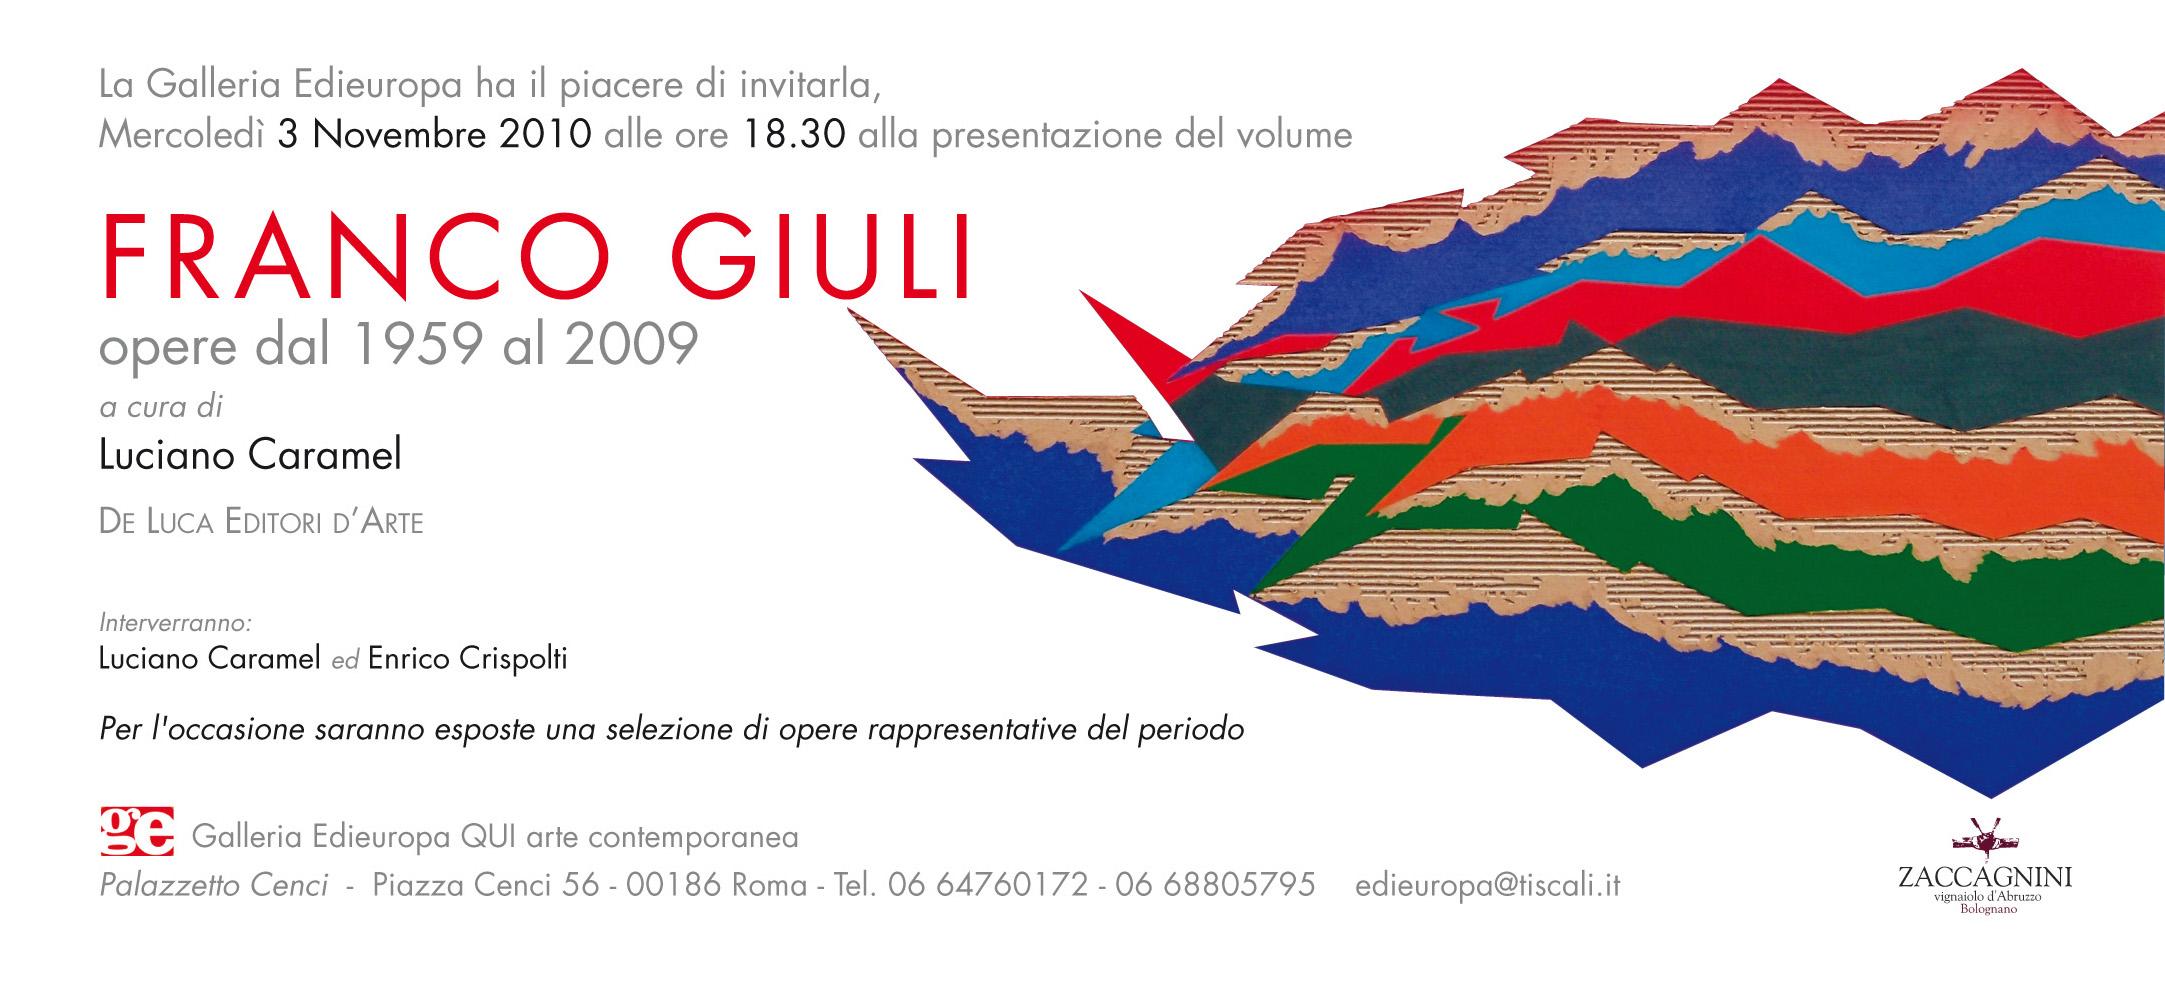 Franco Giuli, opere dal 1959 al 2009 invito